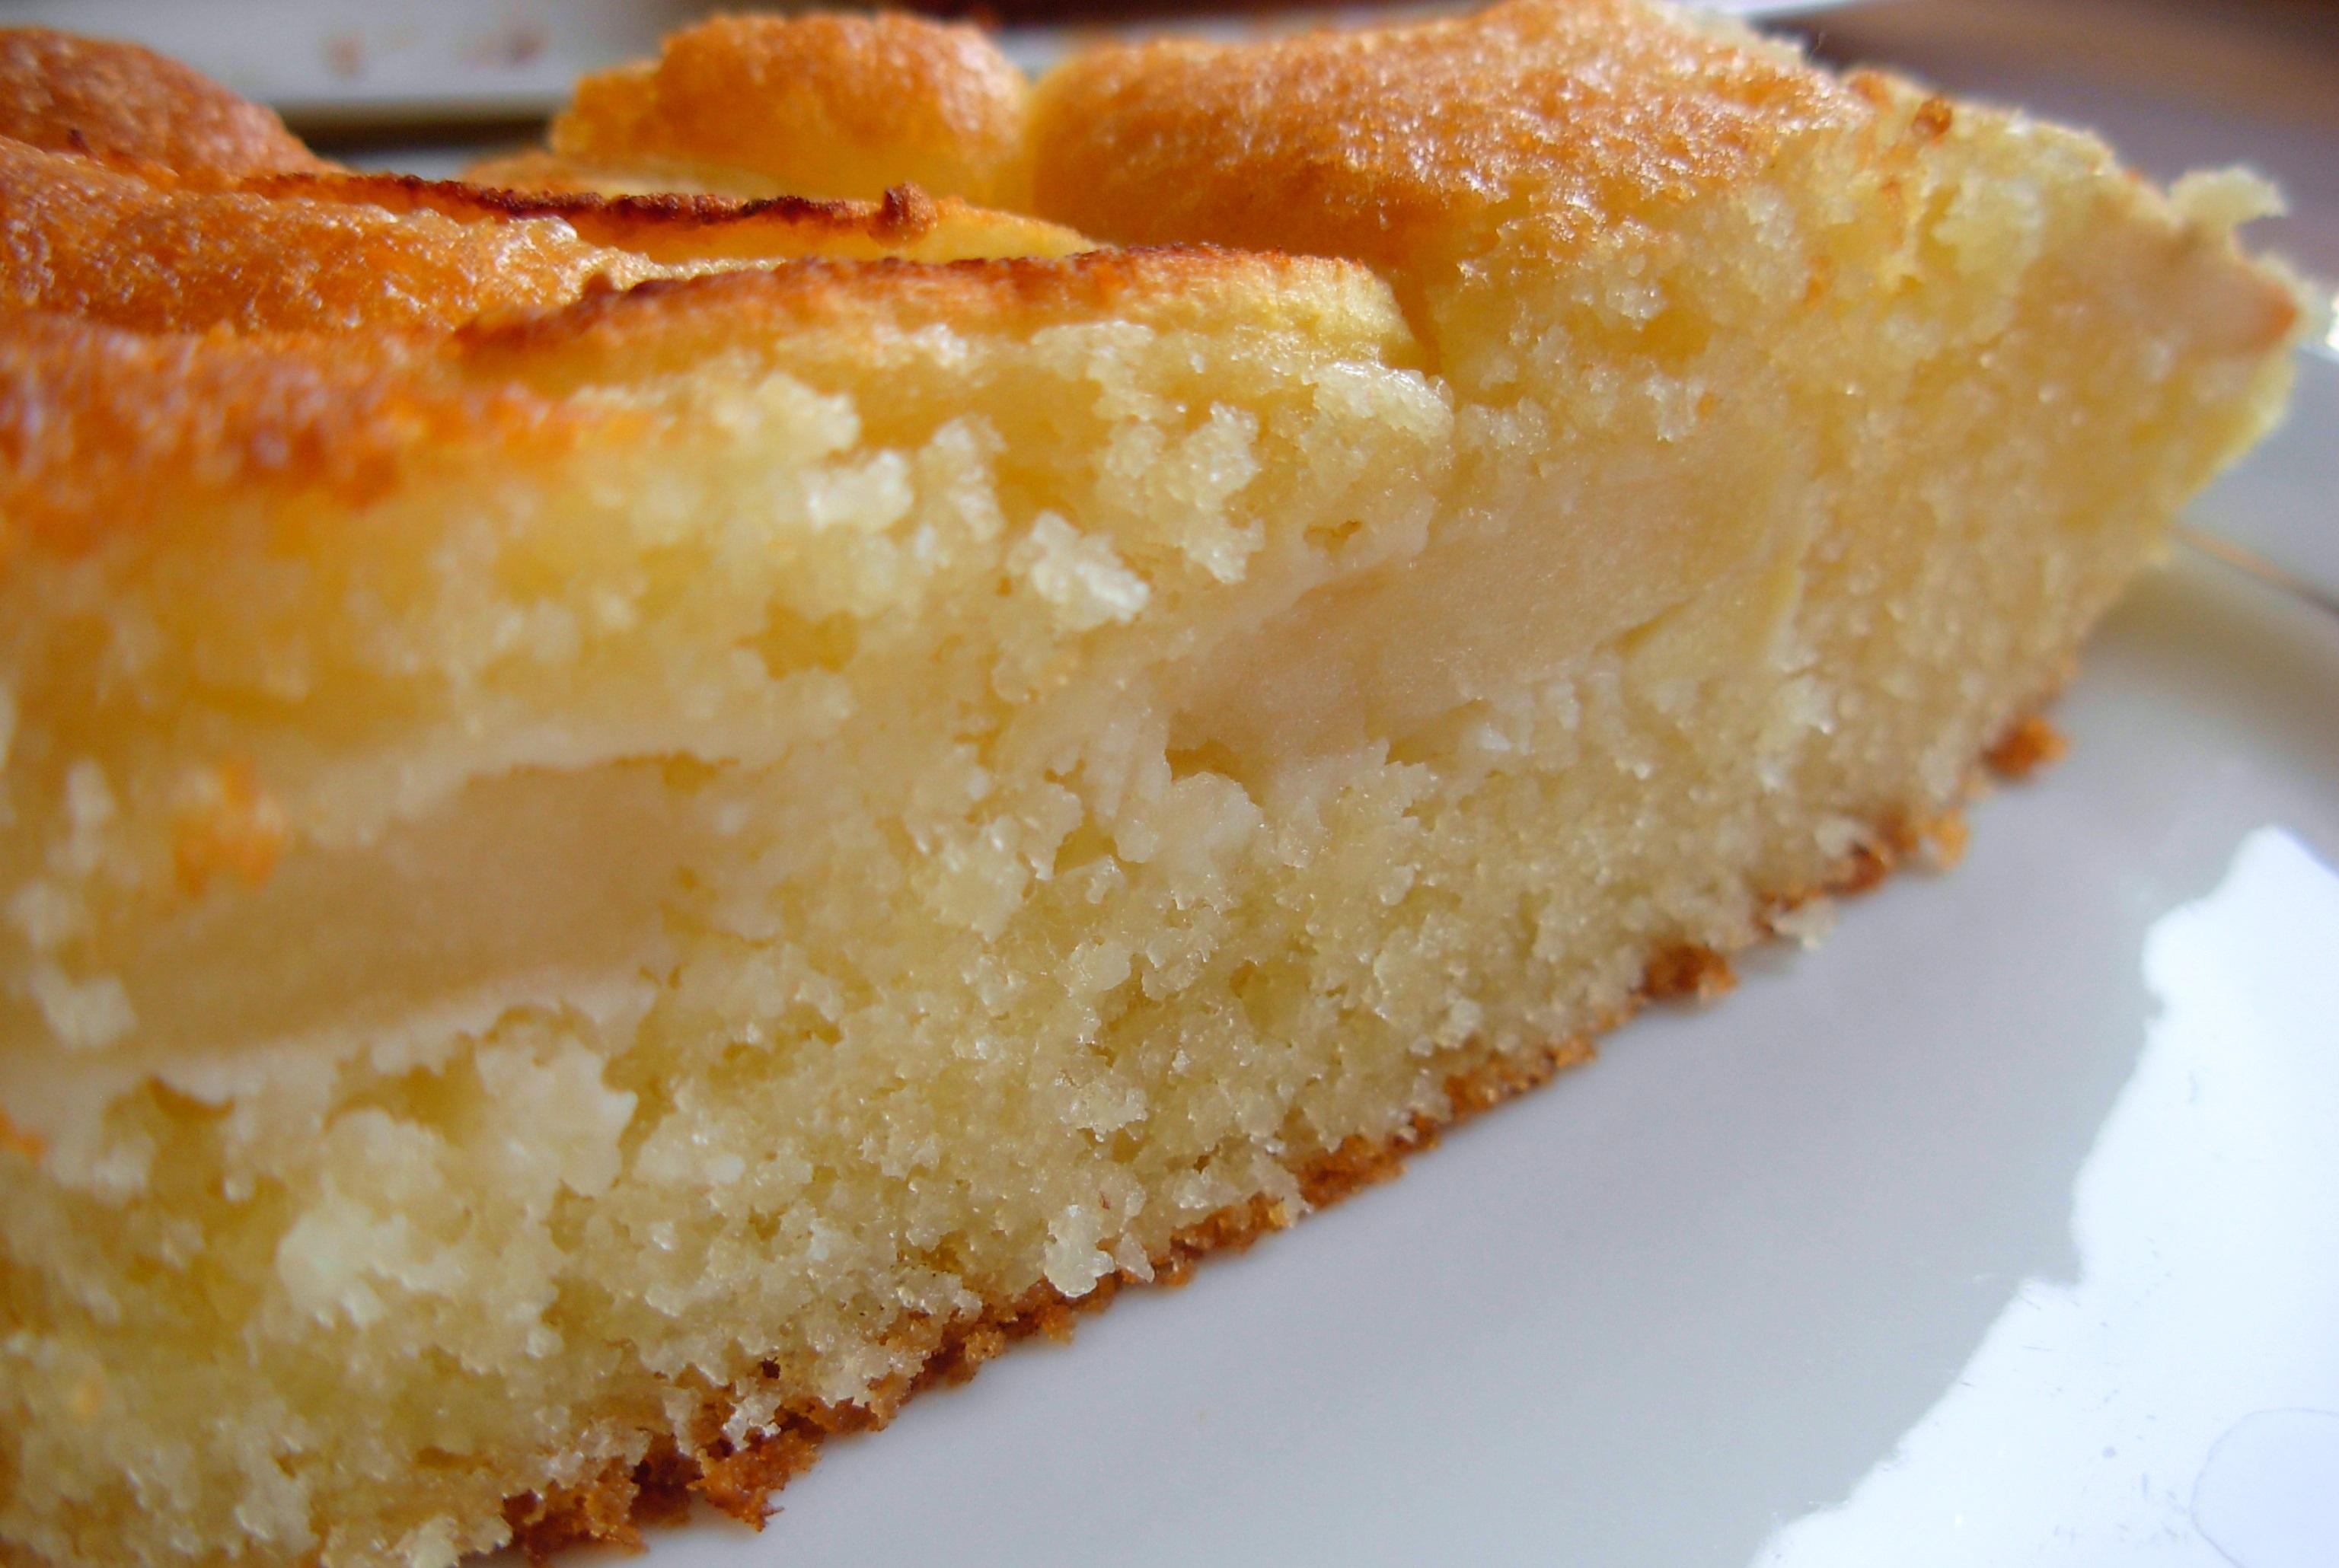 Recette gateaux aux pommes moelleux - Gateau au yaourt hyper moelleux ...